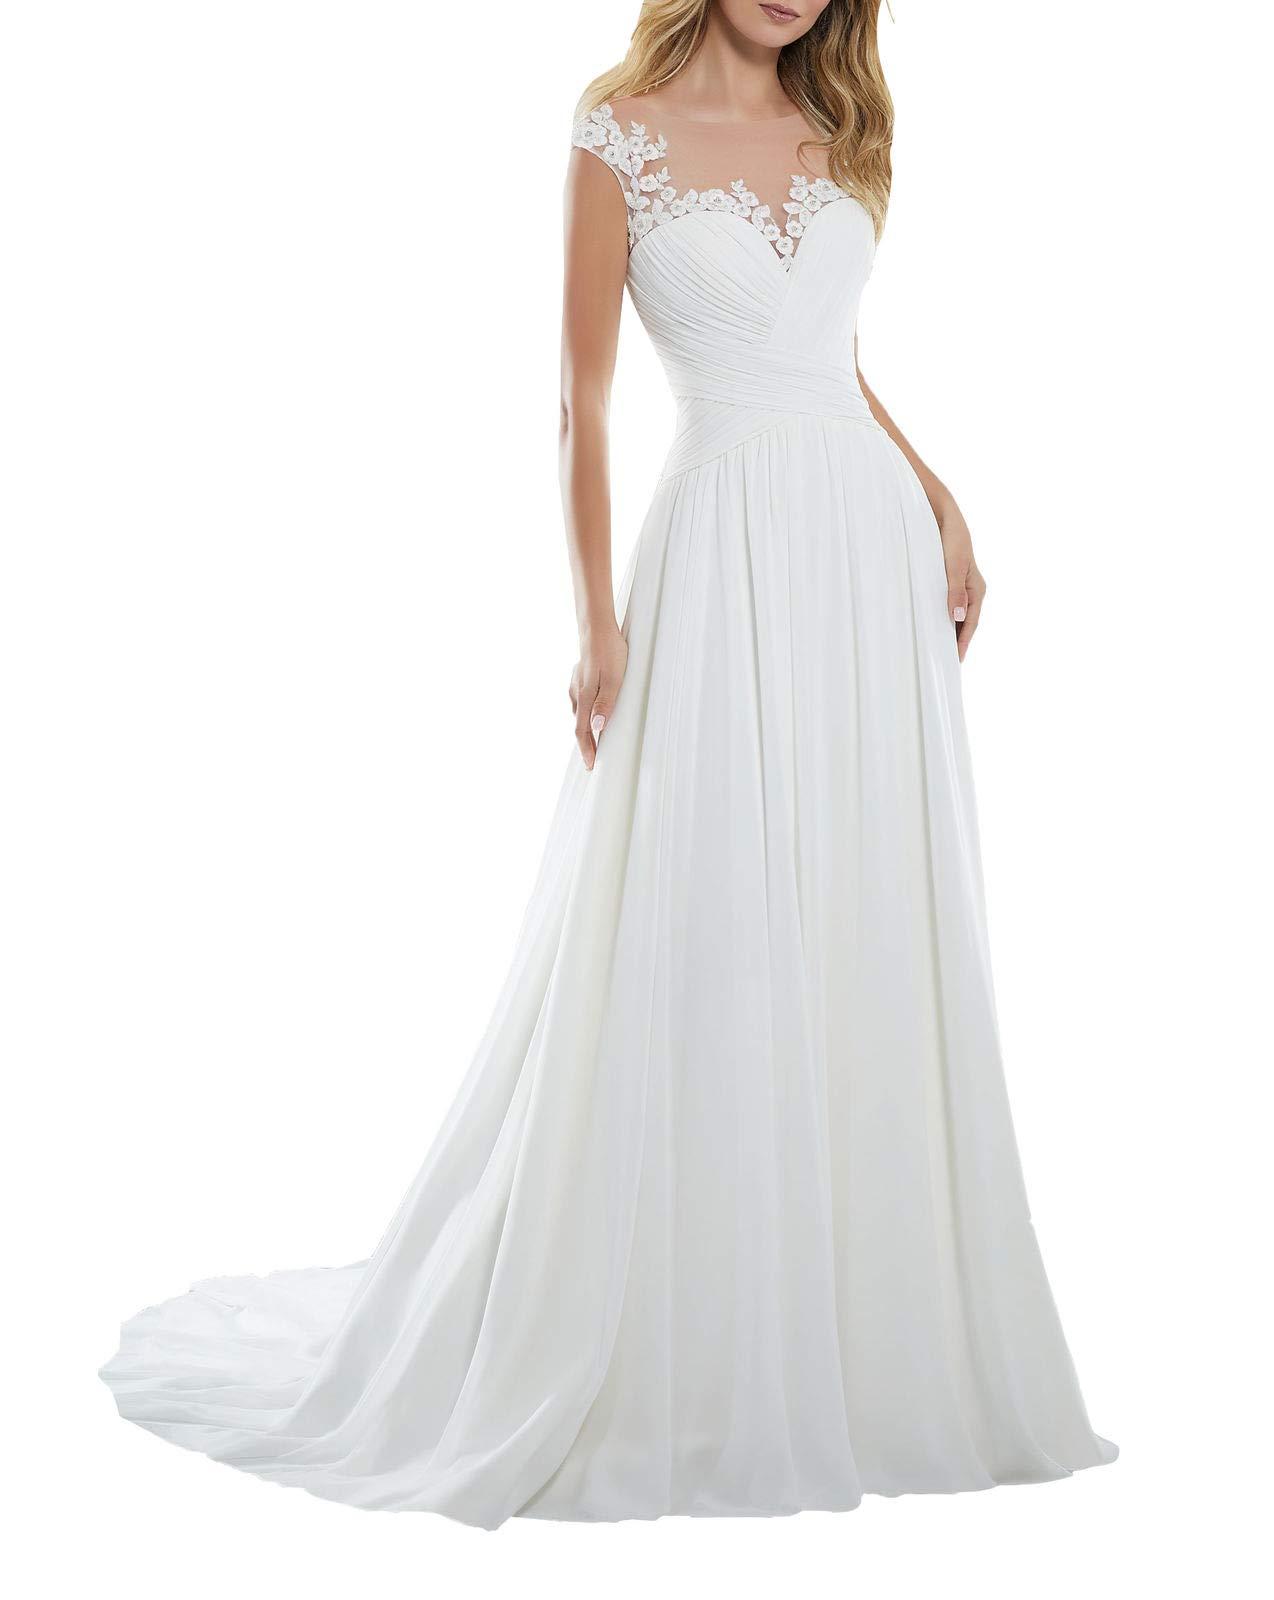 dc21c7f78d1 Plus Size Lace Wedding Dress Vintage